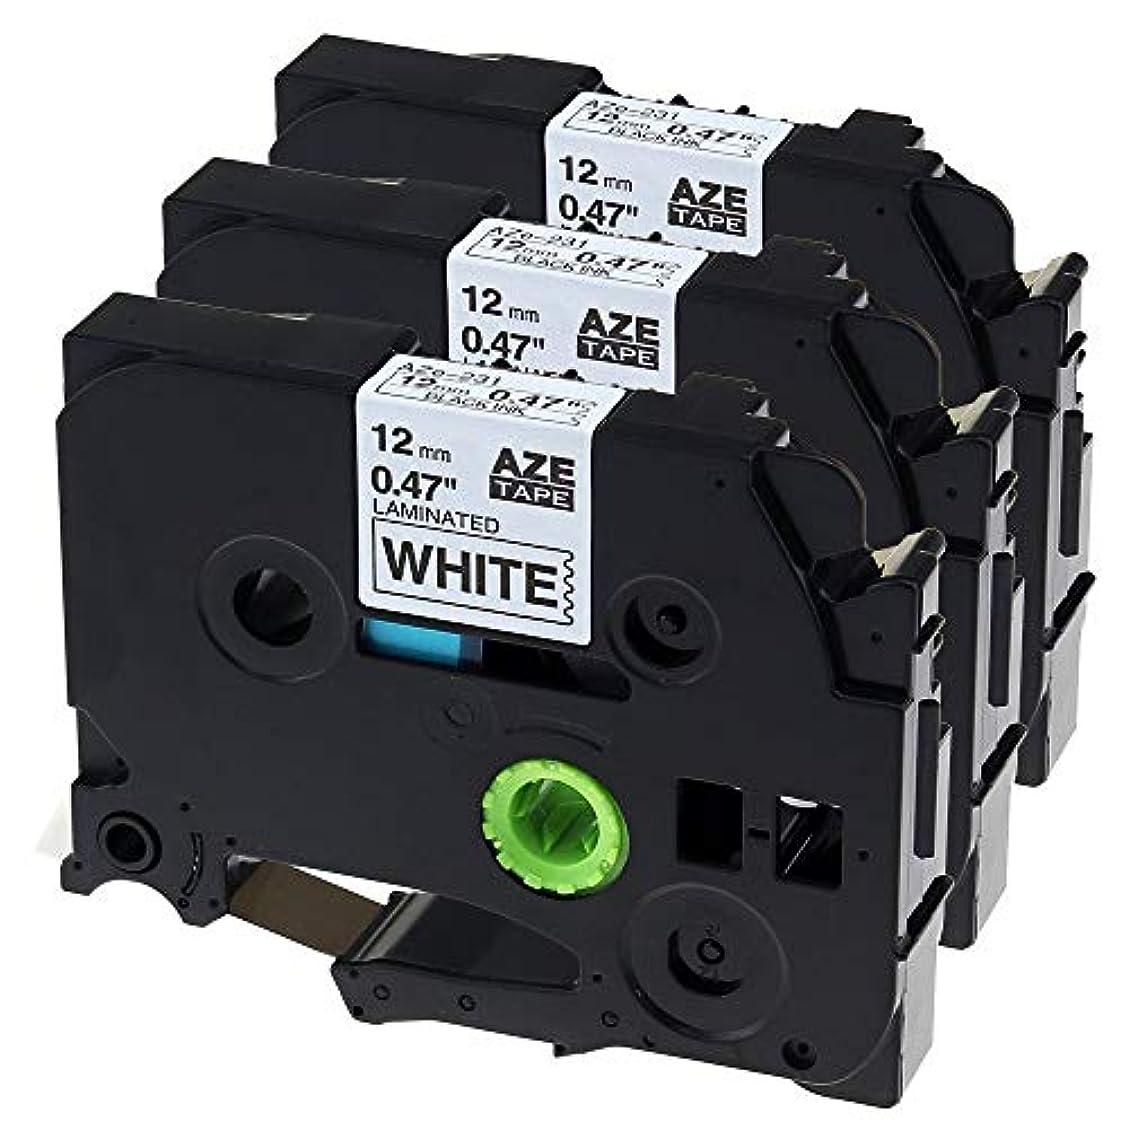 リレースモッグ機密TUOBO ブラザーTze-231テープ 3個セット テープカートリッジ (12mm 長さ8m 白地黒文字) ブラザー工業テープ tz231 tze231 互換 TZテープ P-Touchピータッチ テープ Brother PT-190 PT-P710BT